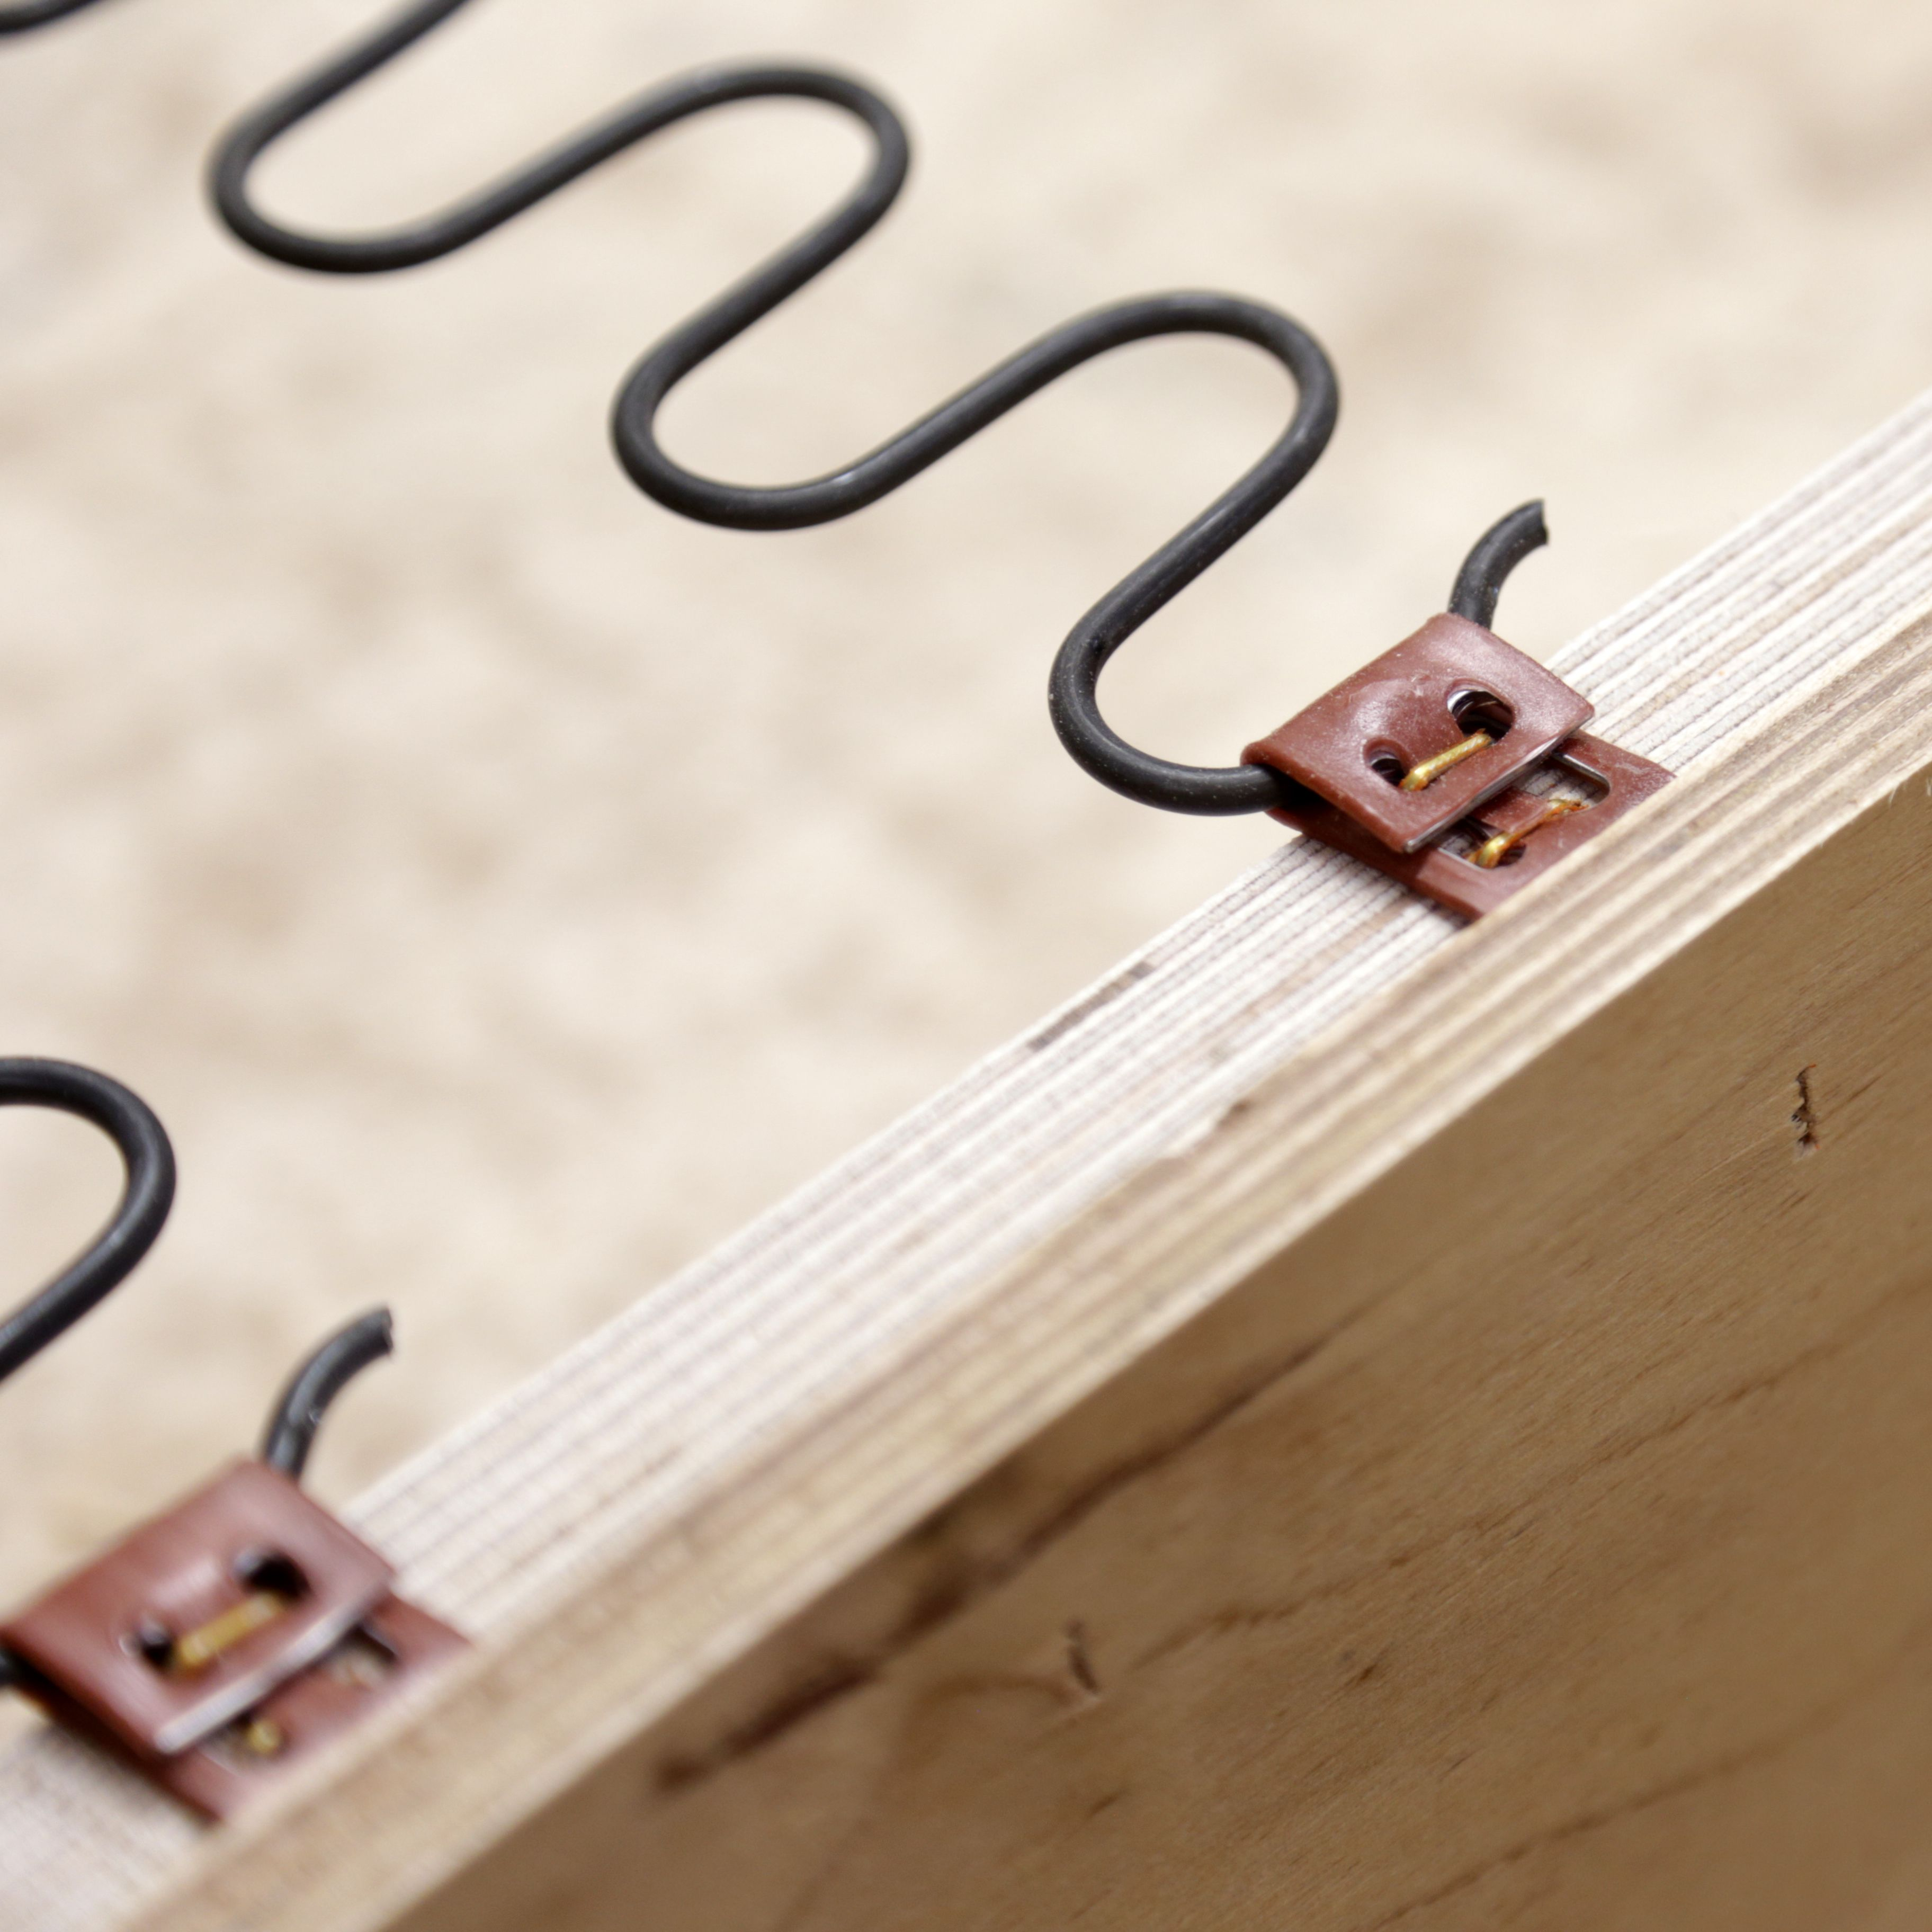 TEHDÄÄN HYVIN |HANDMADE QUALITY Työvaihe: Sohvarungon jousitus | Craft: Sofa frame suspension Tuotantolinja: Sohvat | Production line: Sofas  #pohjanmaan #pohjanmaankaluste #käsintehty